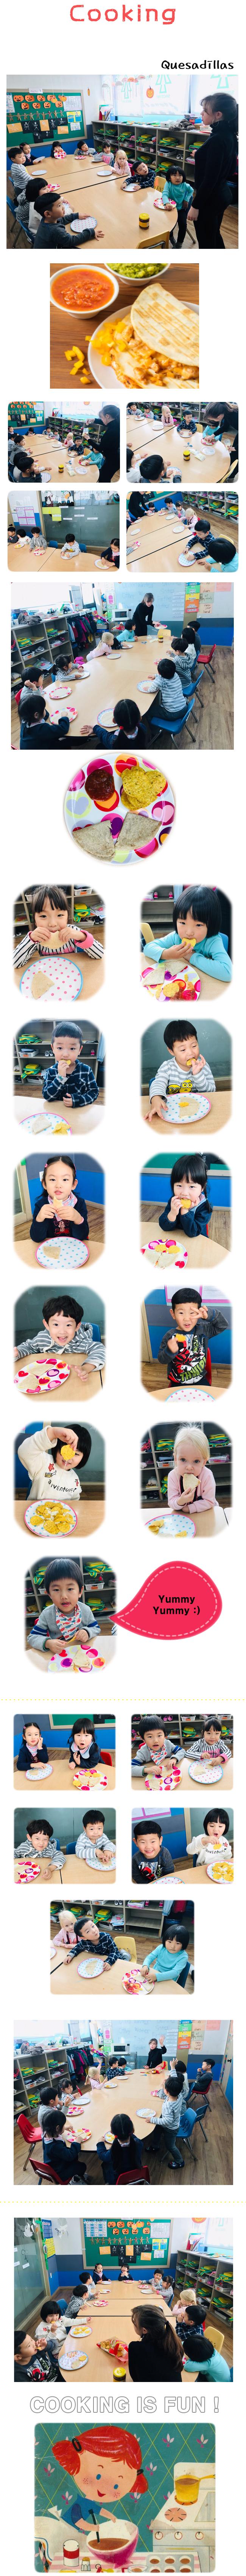 cooking_1031.jpg